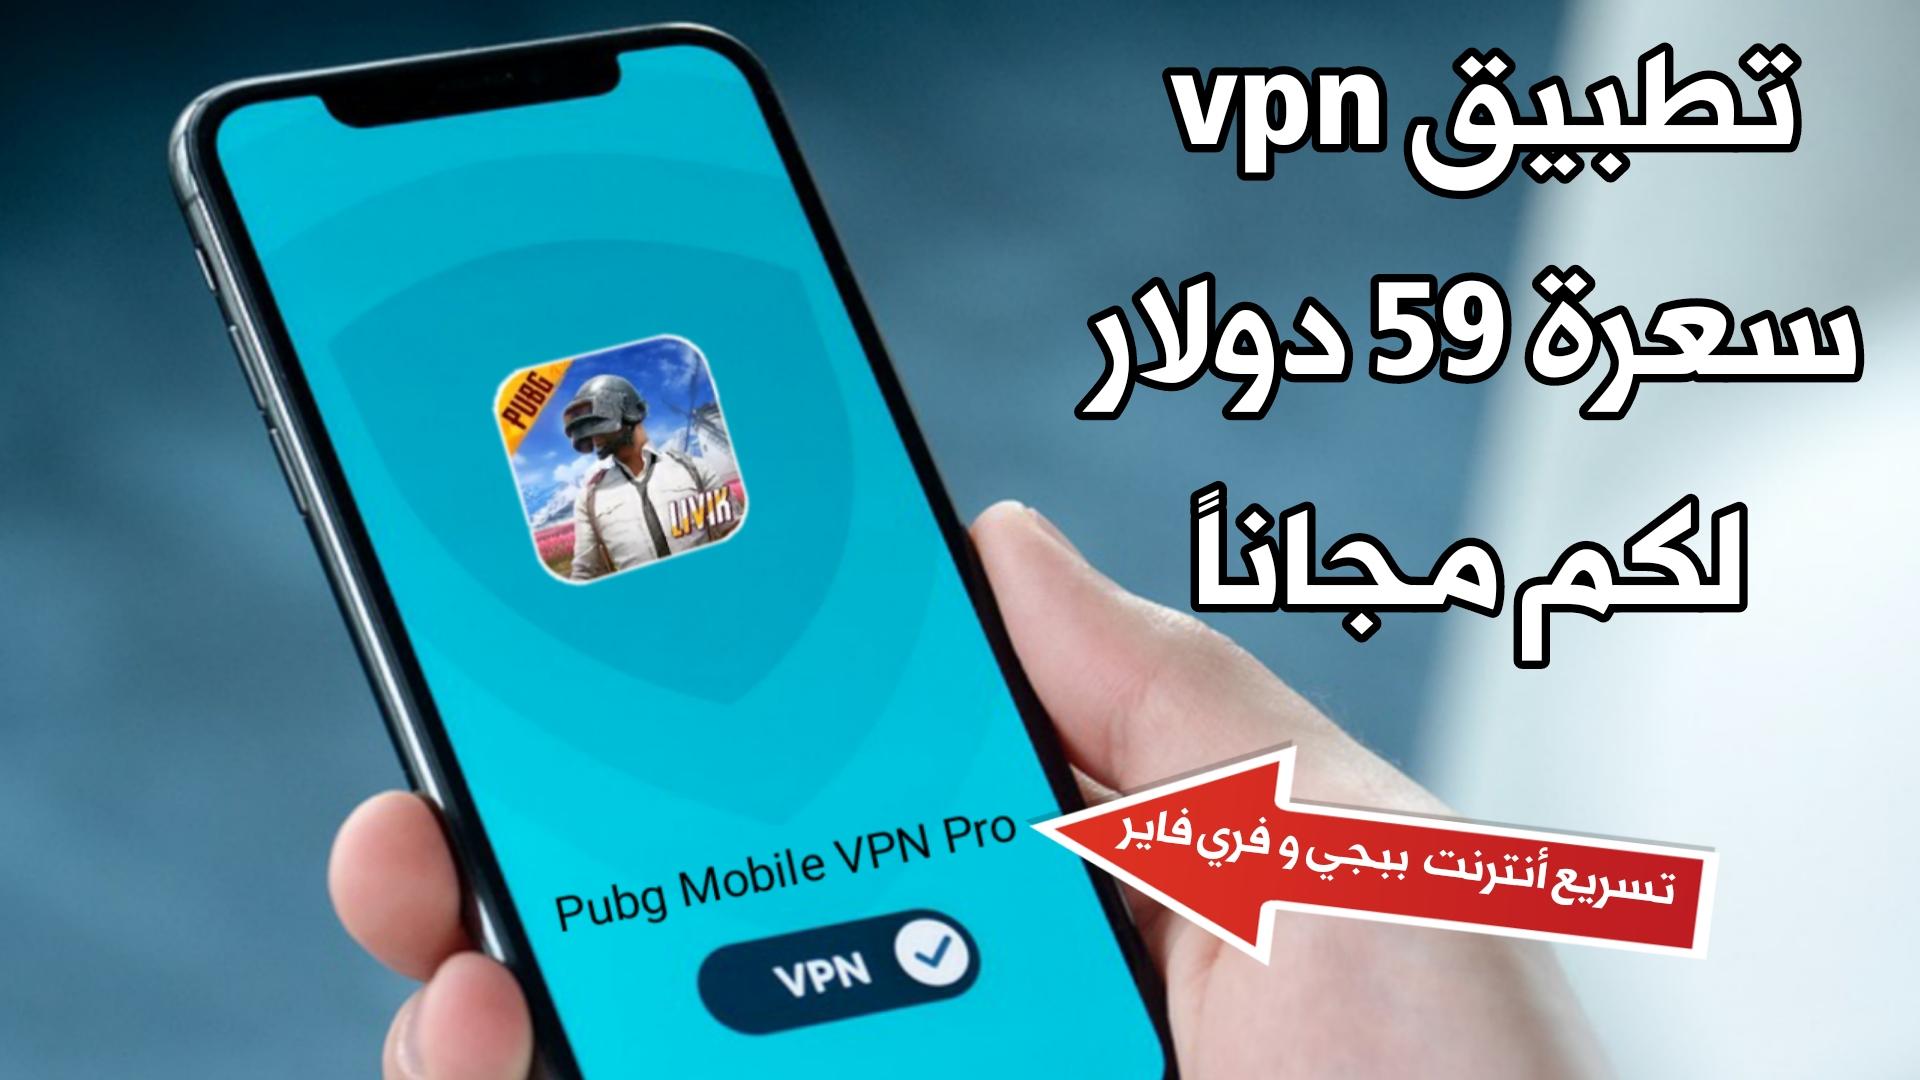 لكم مجانا تطبيق vpn سعرة 59 دولار تسريع الأنترنت ل Pubg Mobile و Free Fire